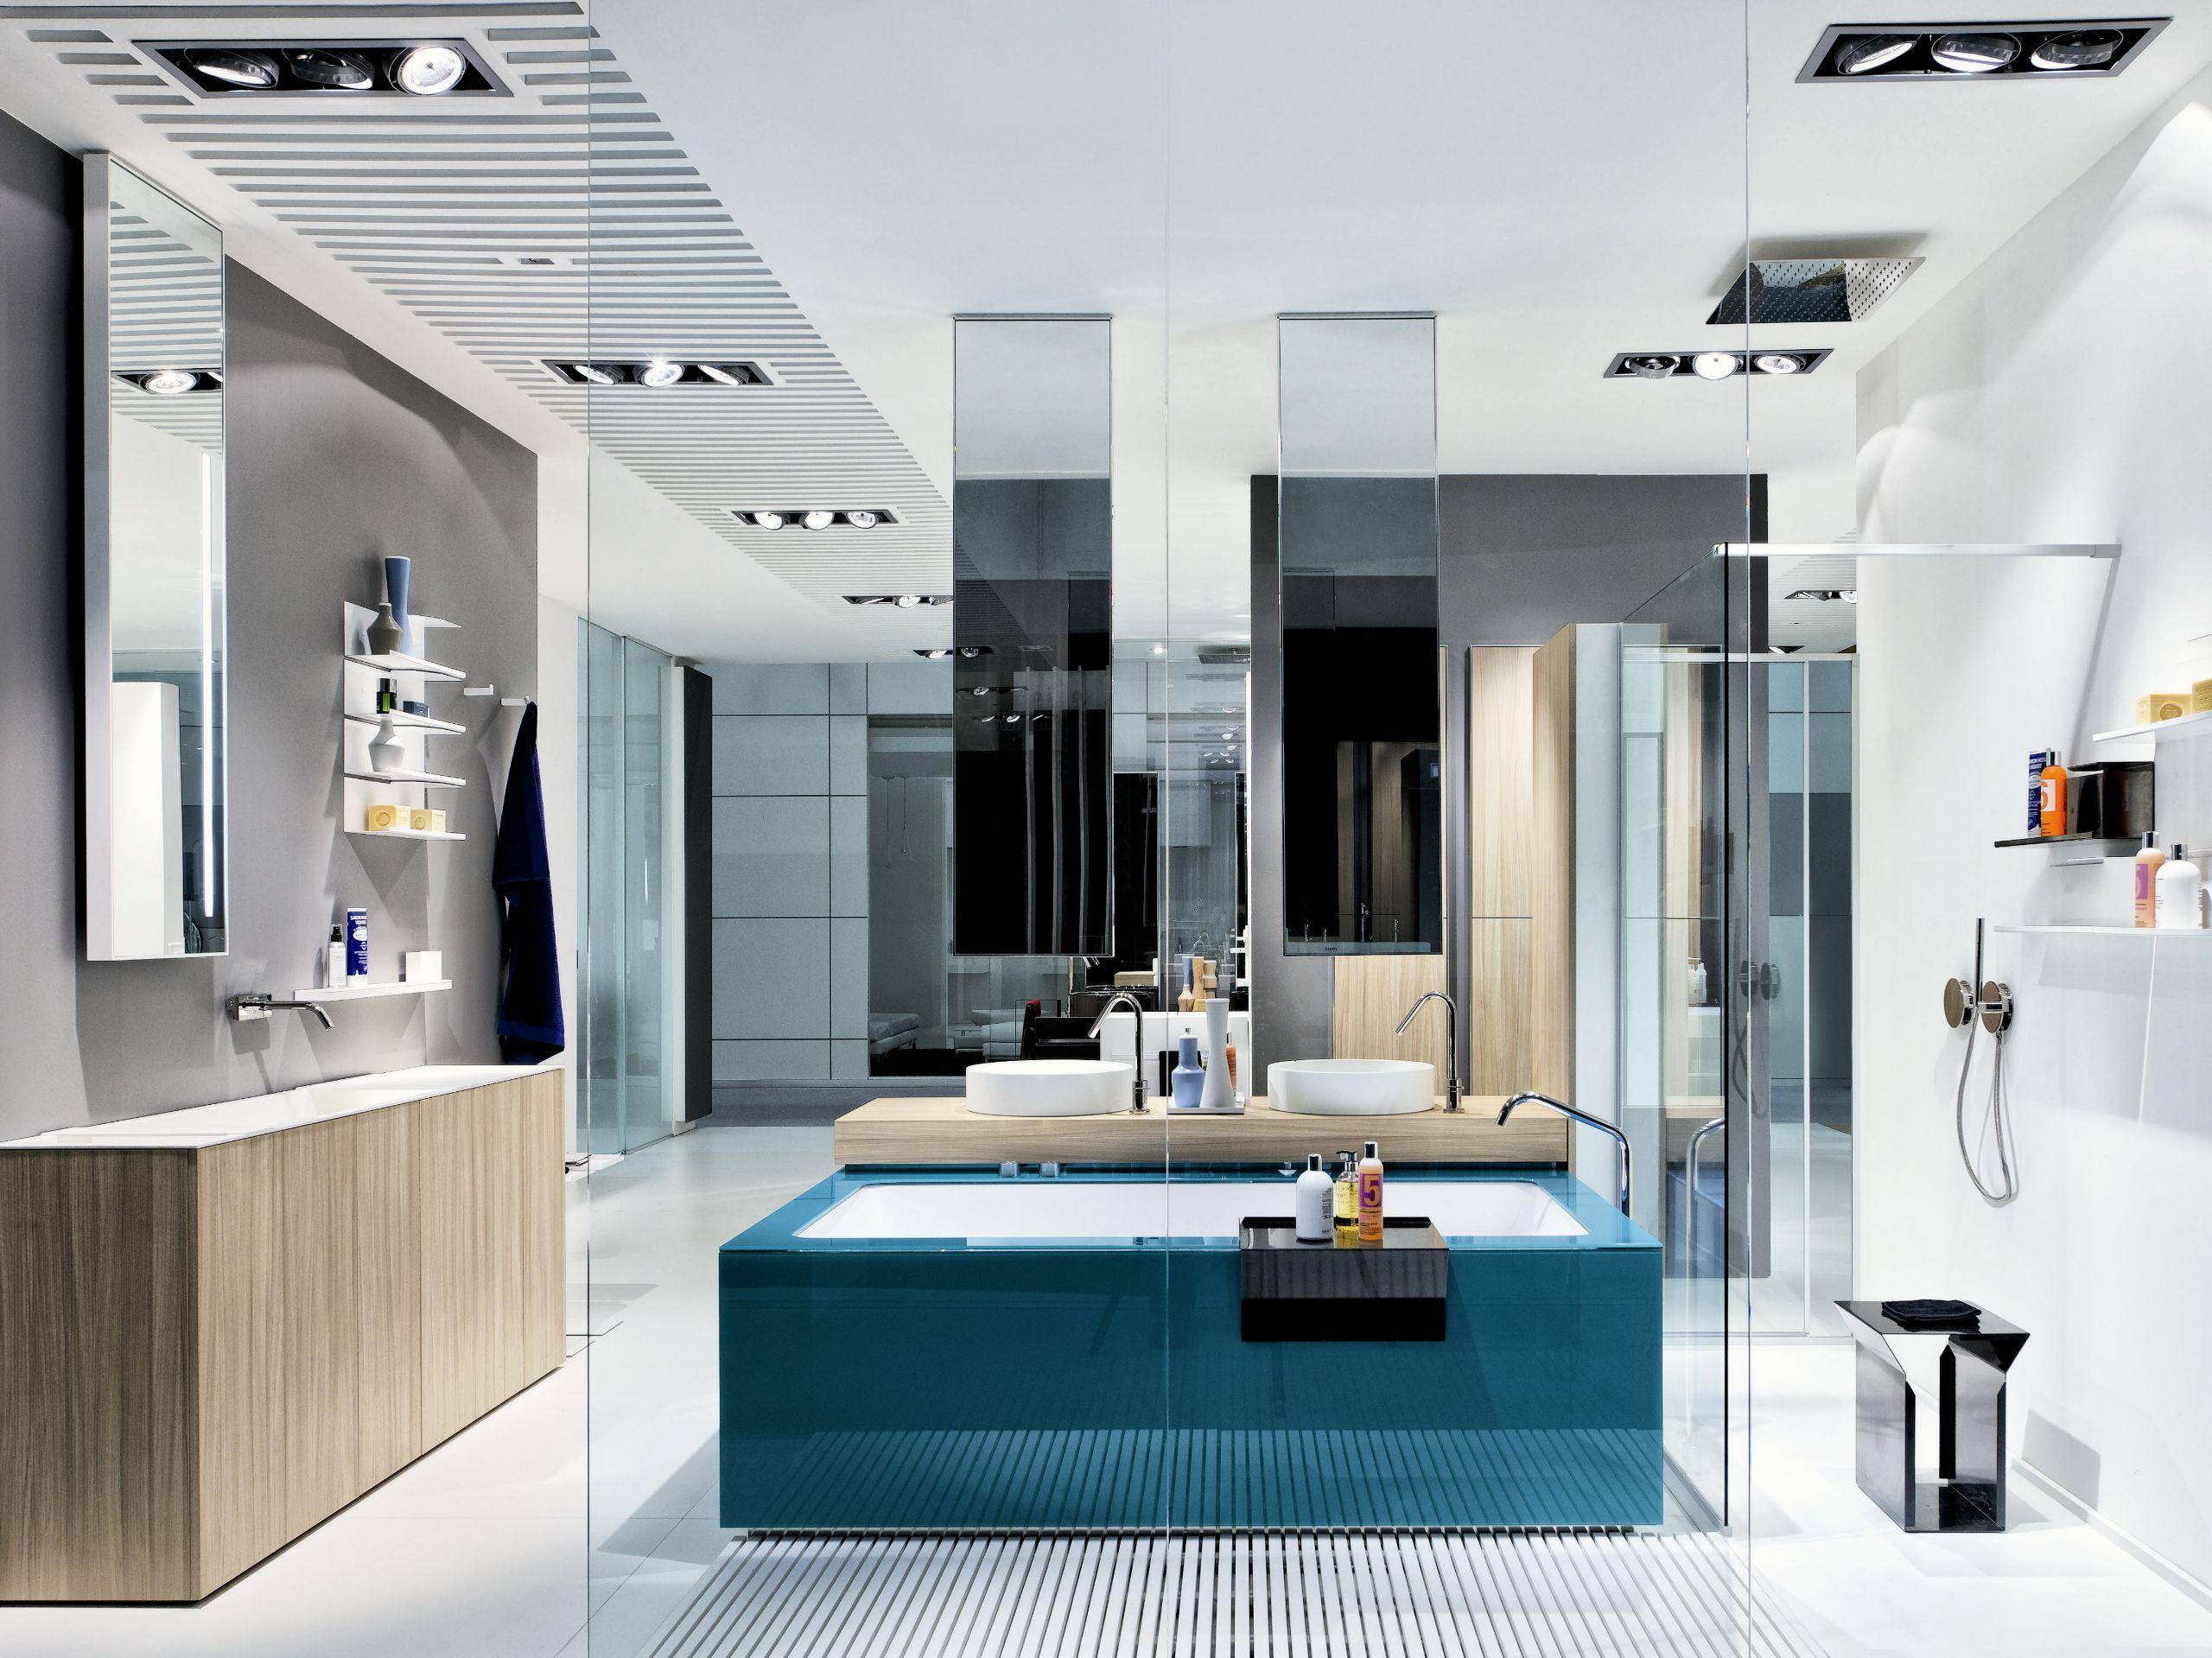 Salle de bains compl te baignoire lavabo bacs douche for Tarif salle de bain complete